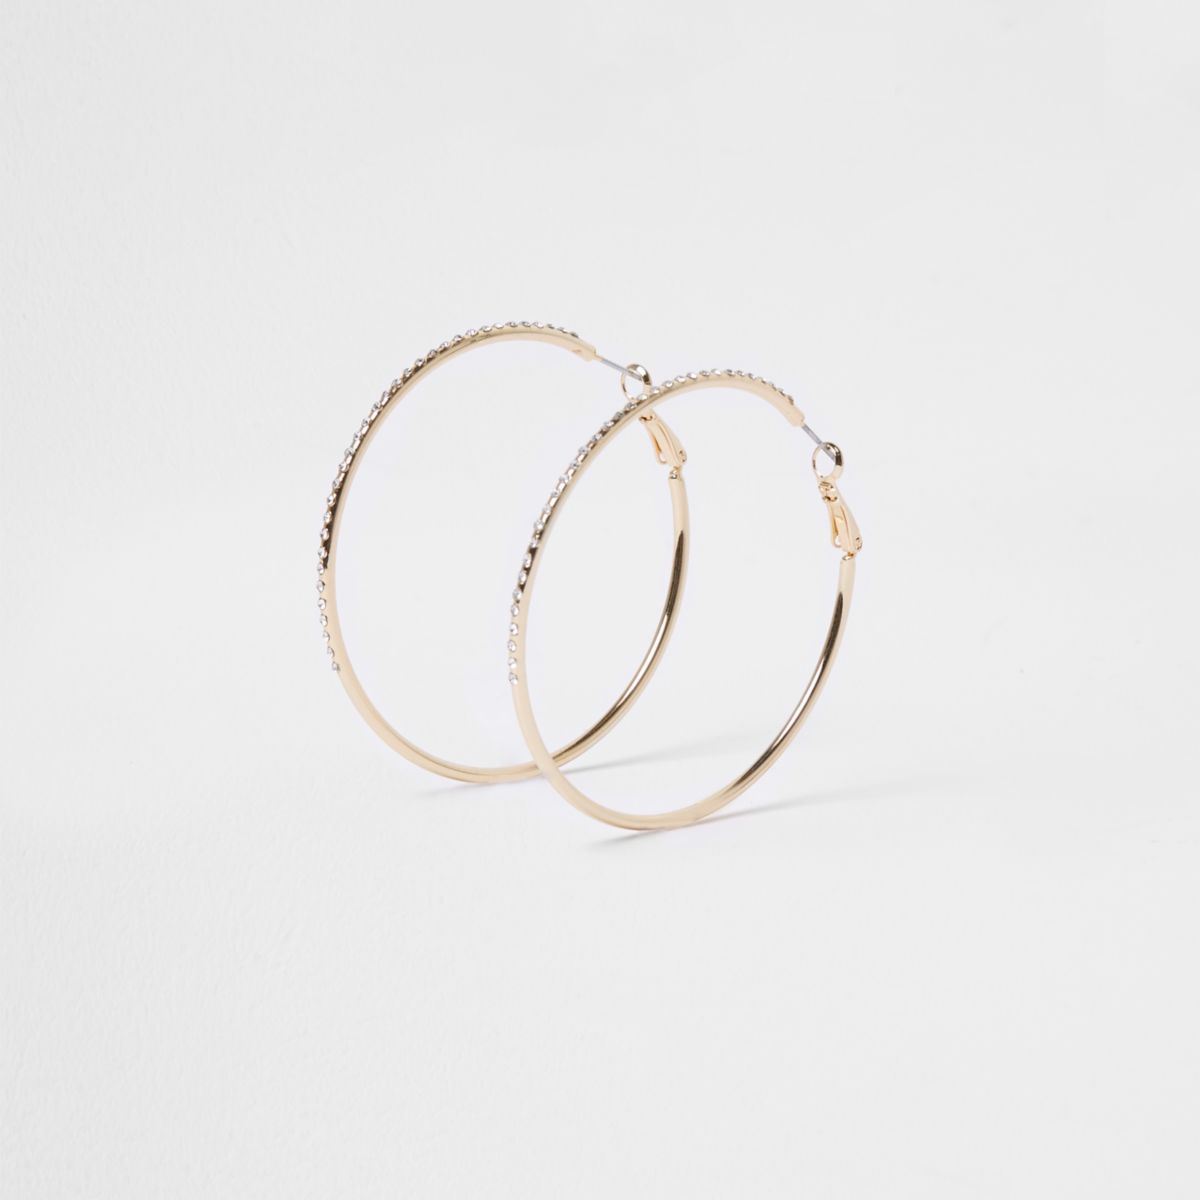 Gold tone diamante encrusted hoop earrings